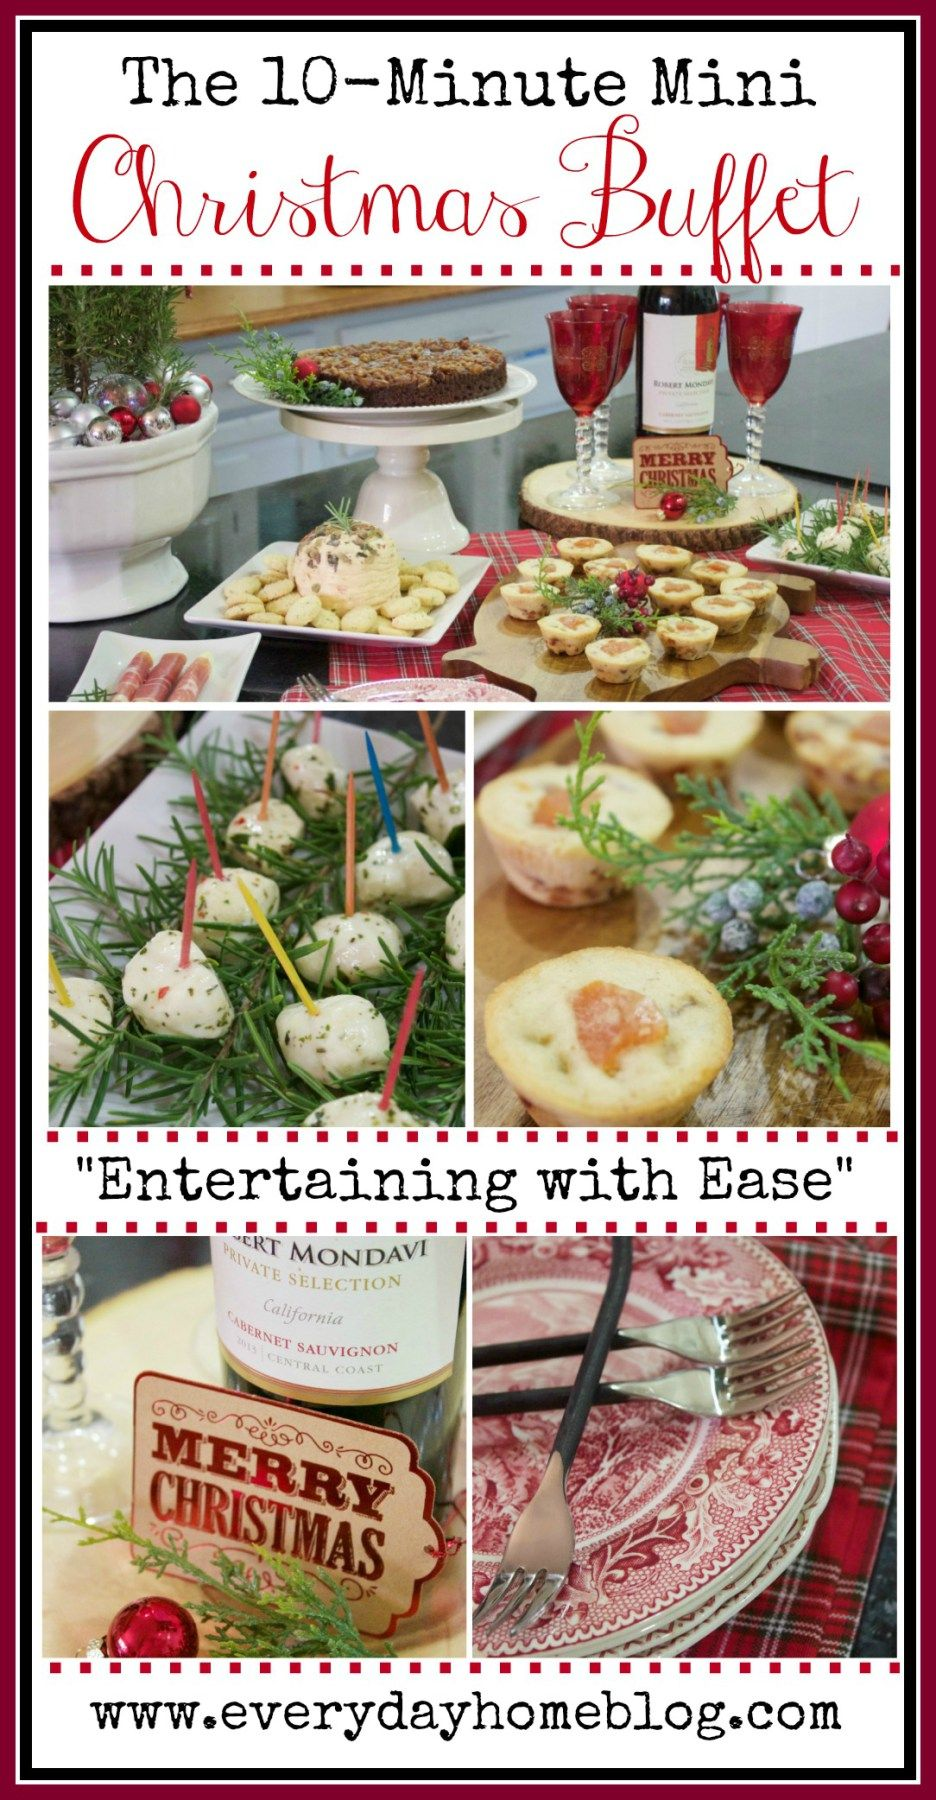 Easy 10-Minute Christmas Buffet | The Everyday Home | www.everydayhomeblog.com